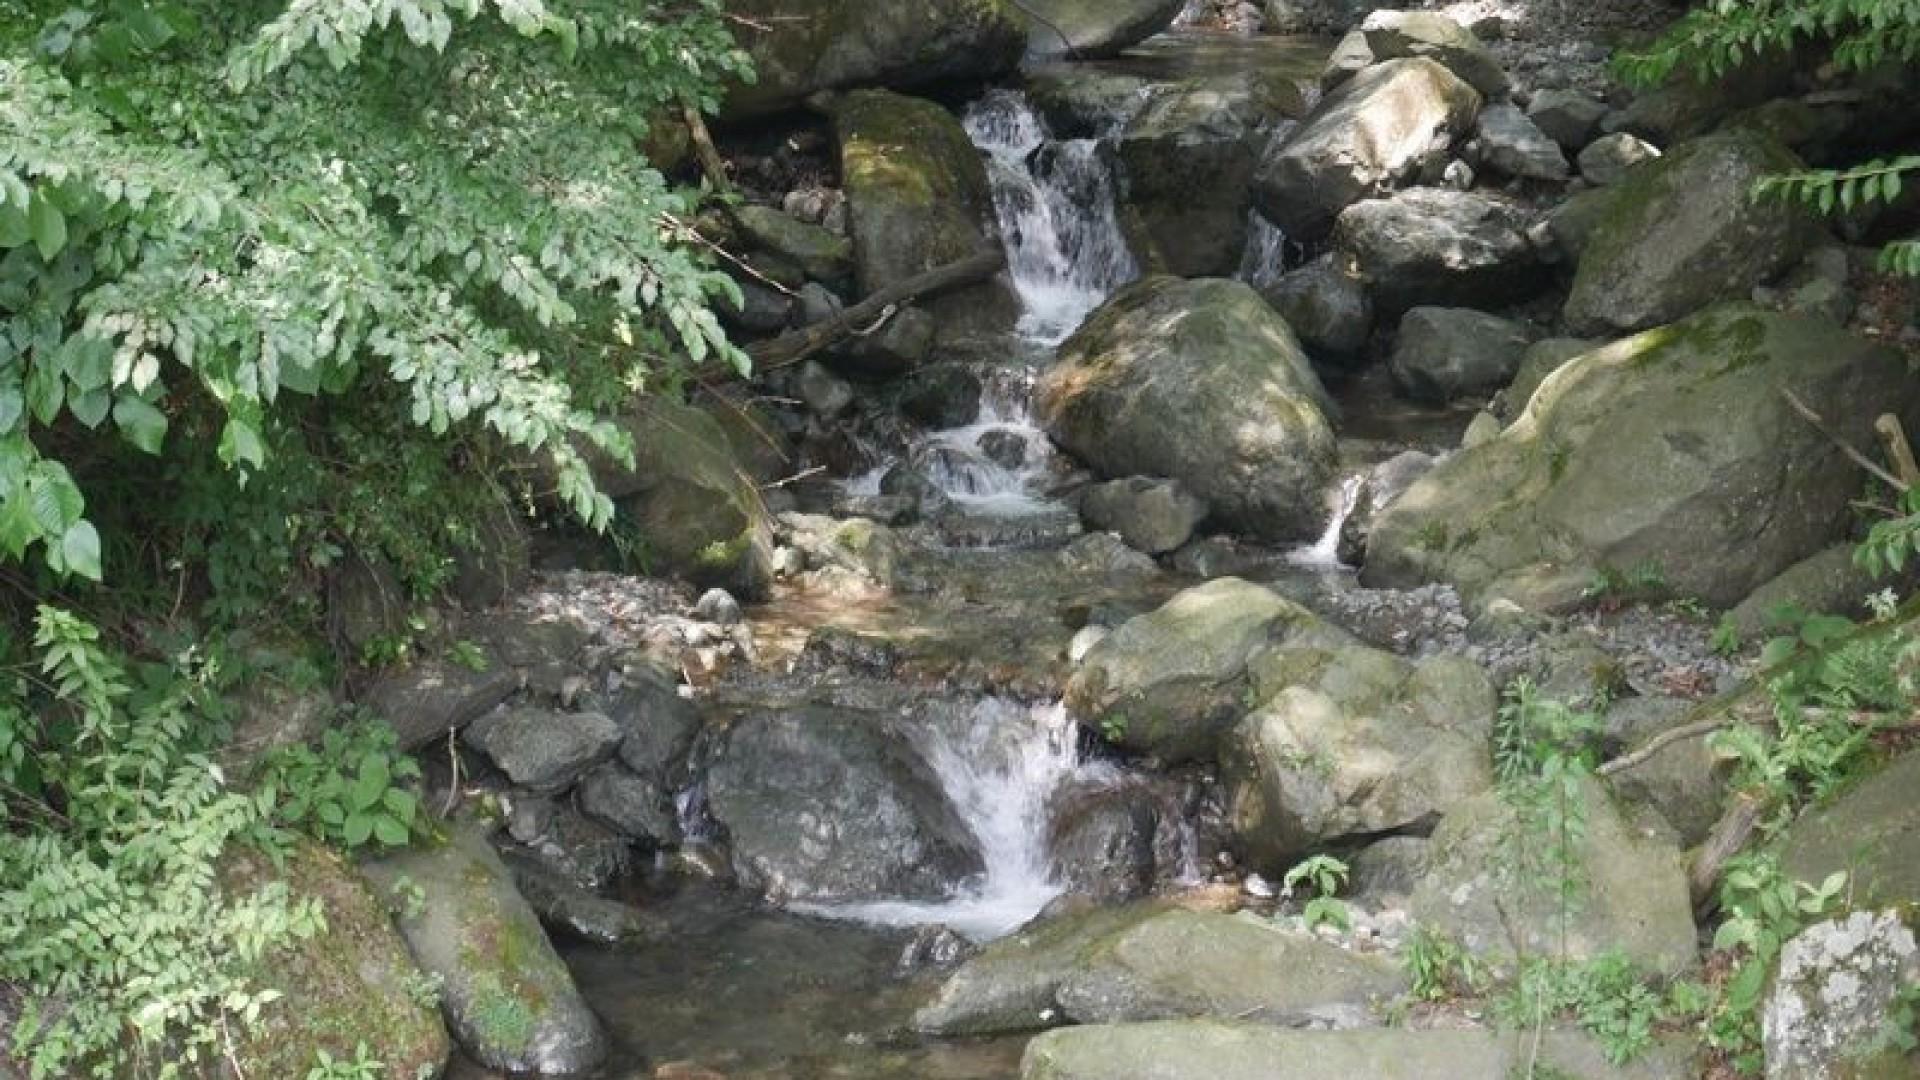 Kuzuha-no-ie (Kuzuha Canyon)